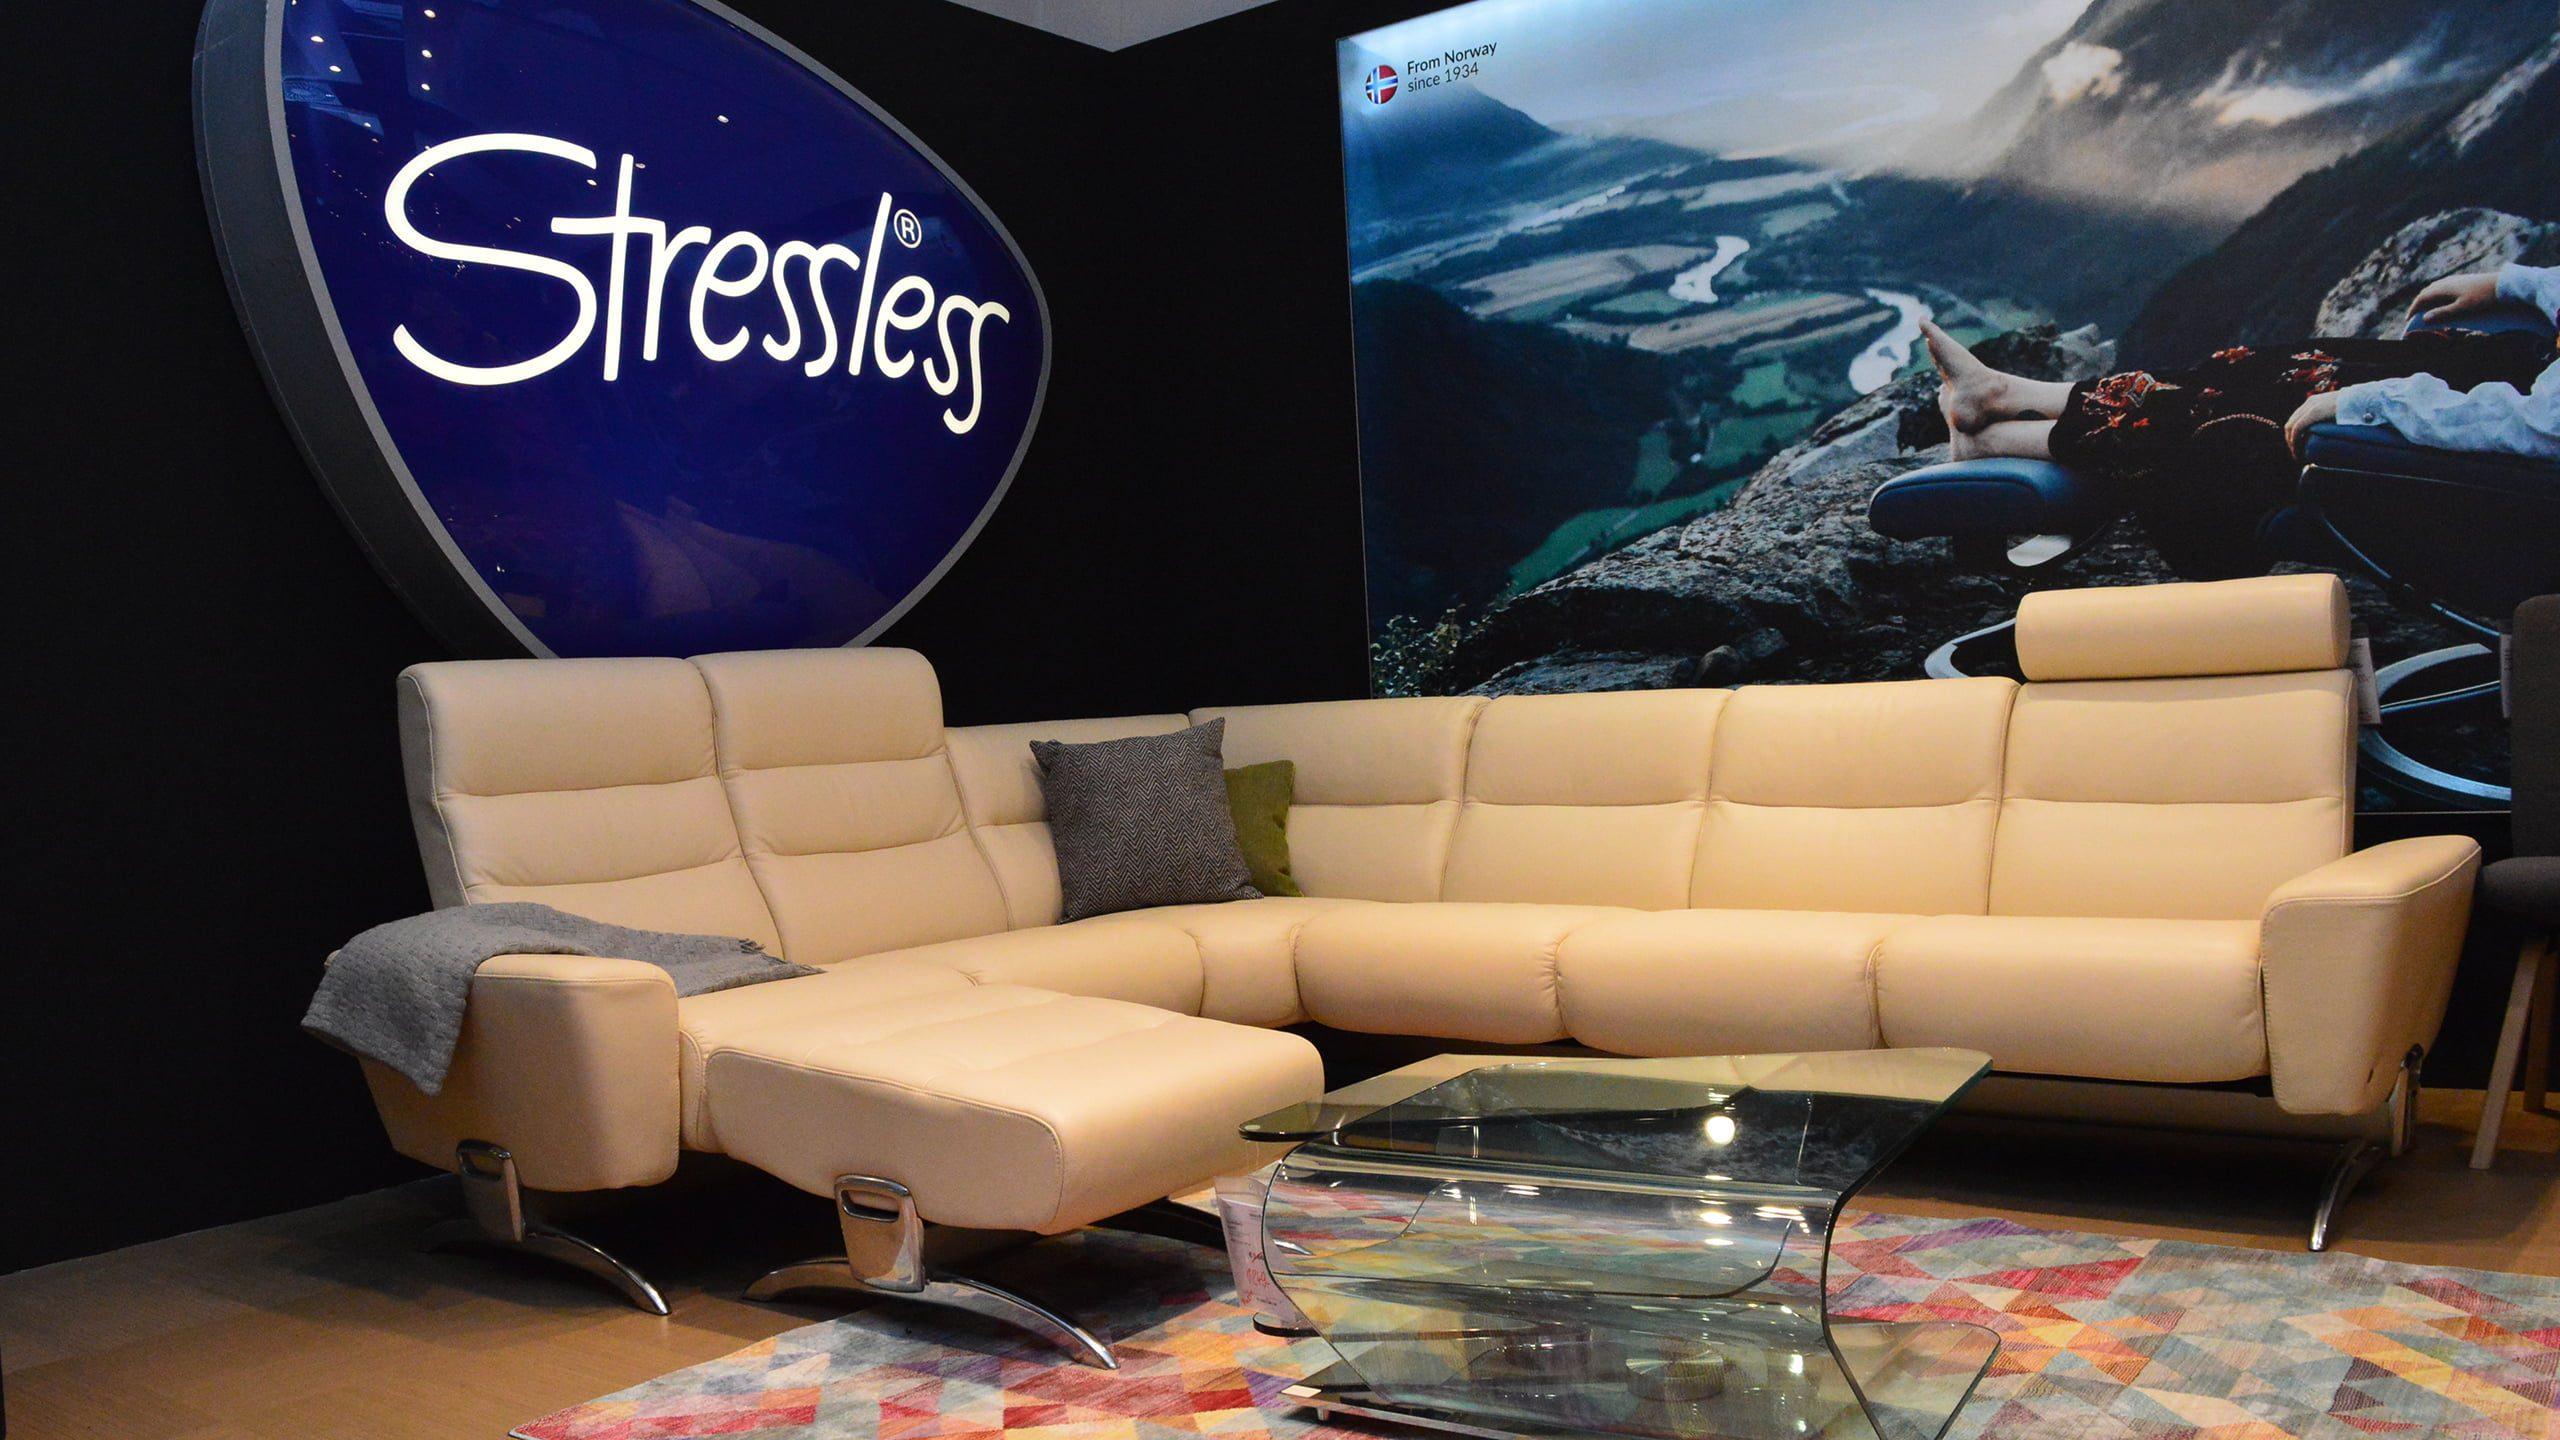 Stressless Polstergarnitur E300